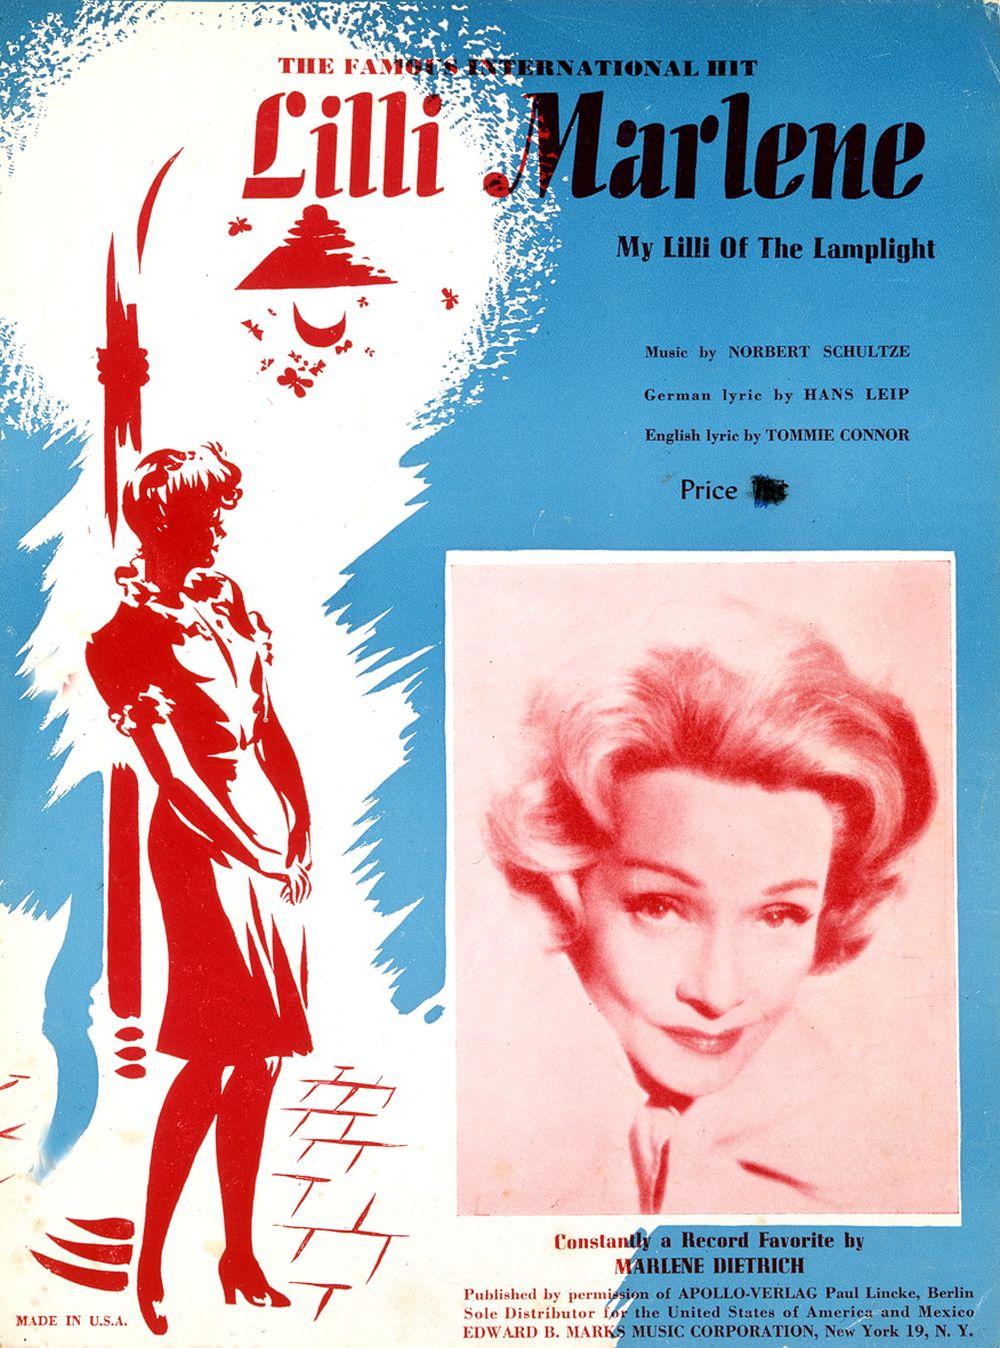 Titel eines amerikanischen Notenheftes mit Marlene Dietrich